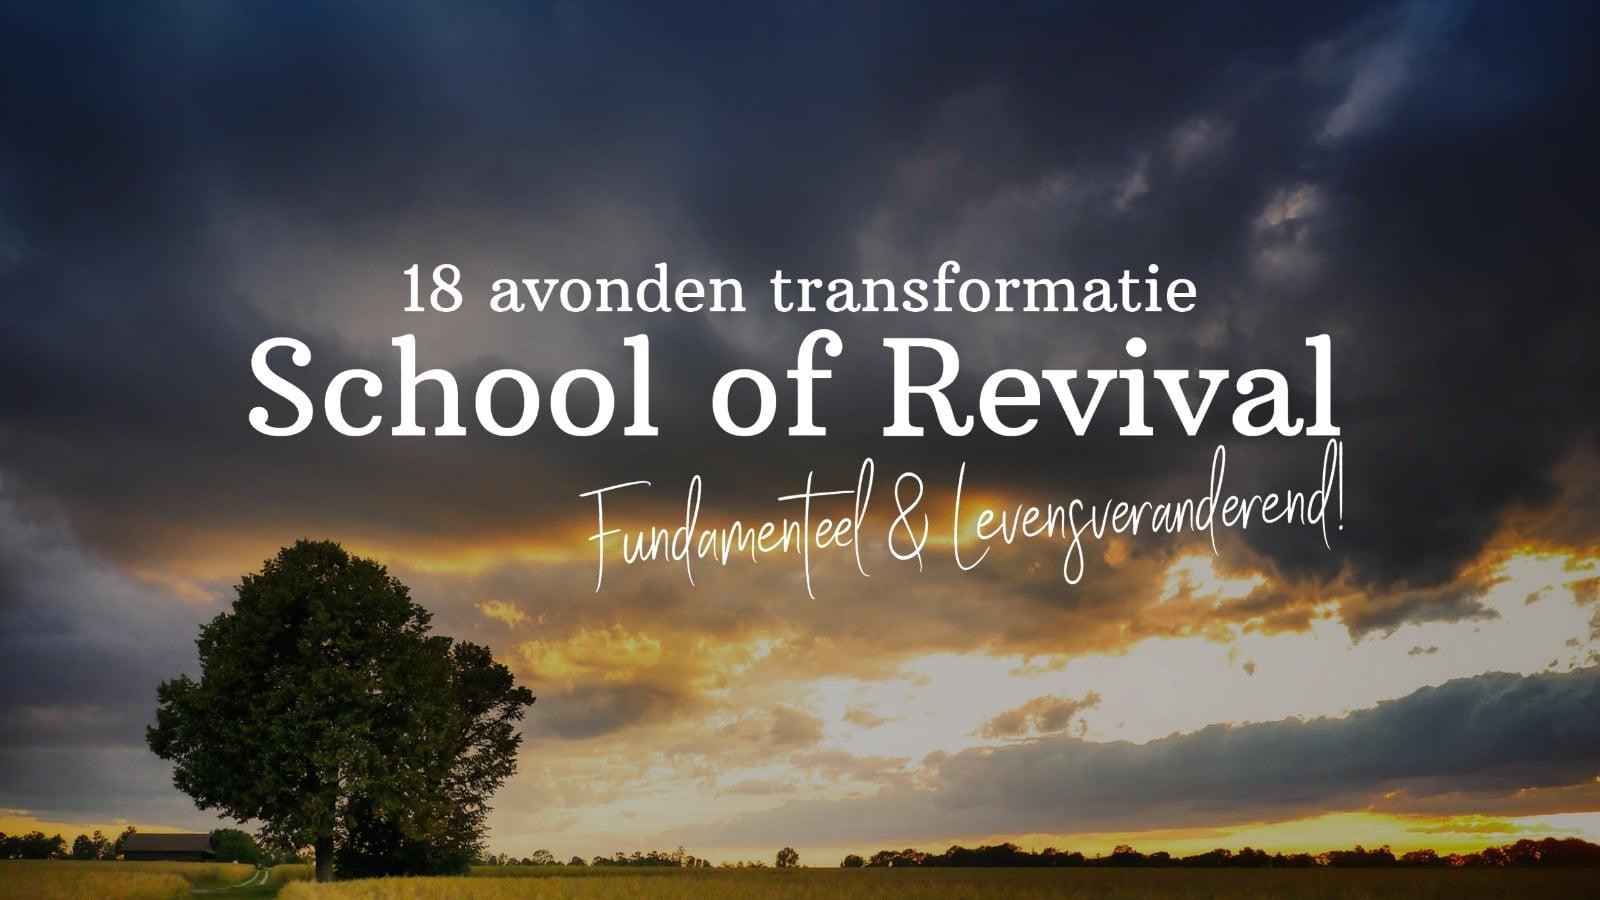 School of Revival (Bijbelschool)